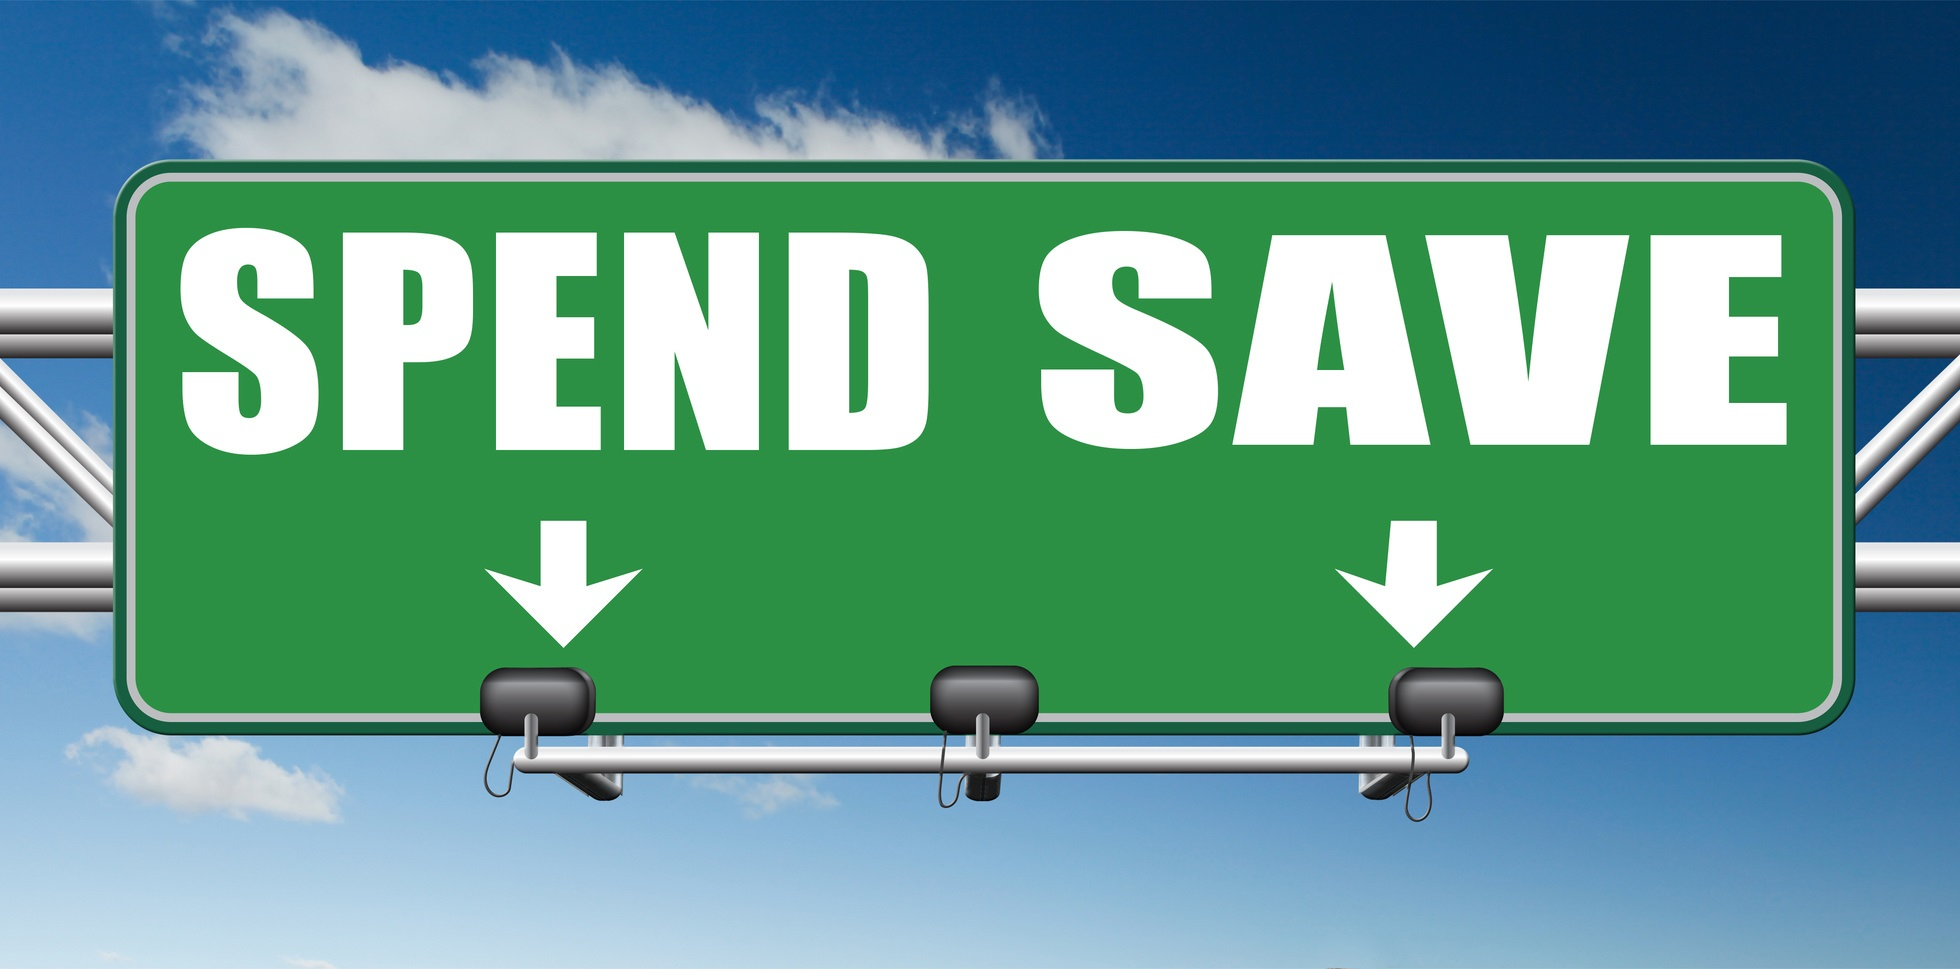 Risparmiare oltre il 50% acquistando una confezionatrice automatica : ecco come .